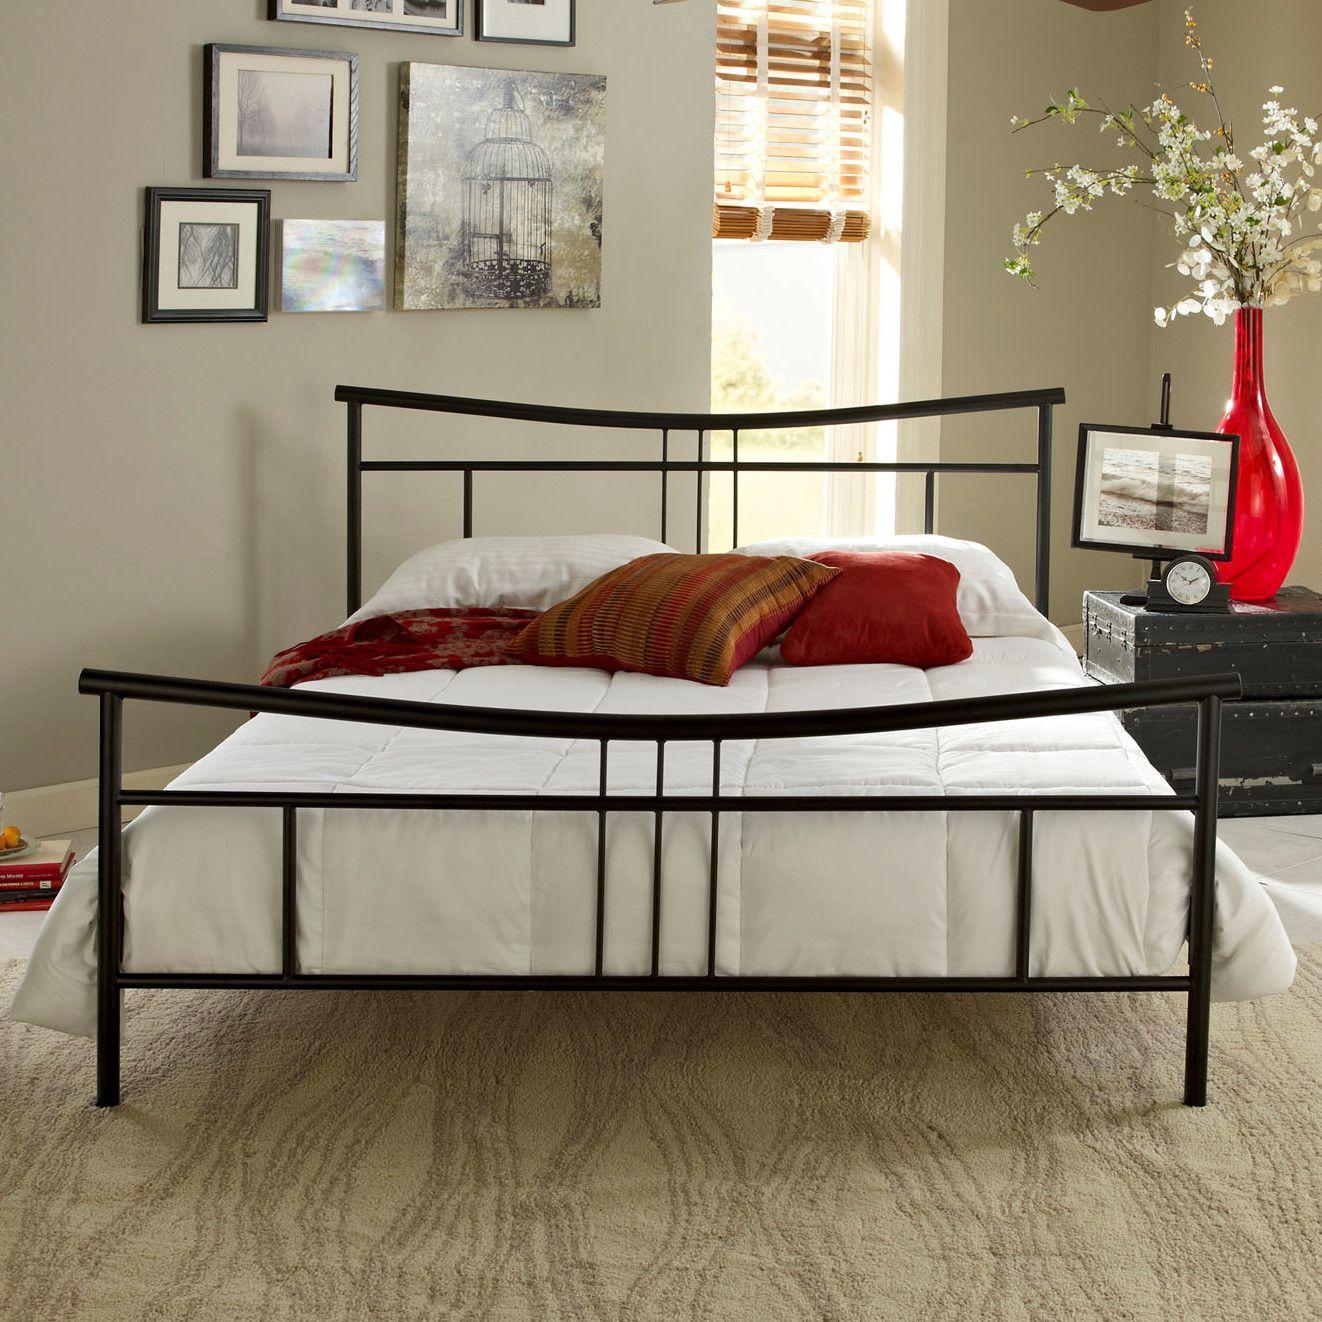 Chelsea Bed Frame | For Billy | Pinterest